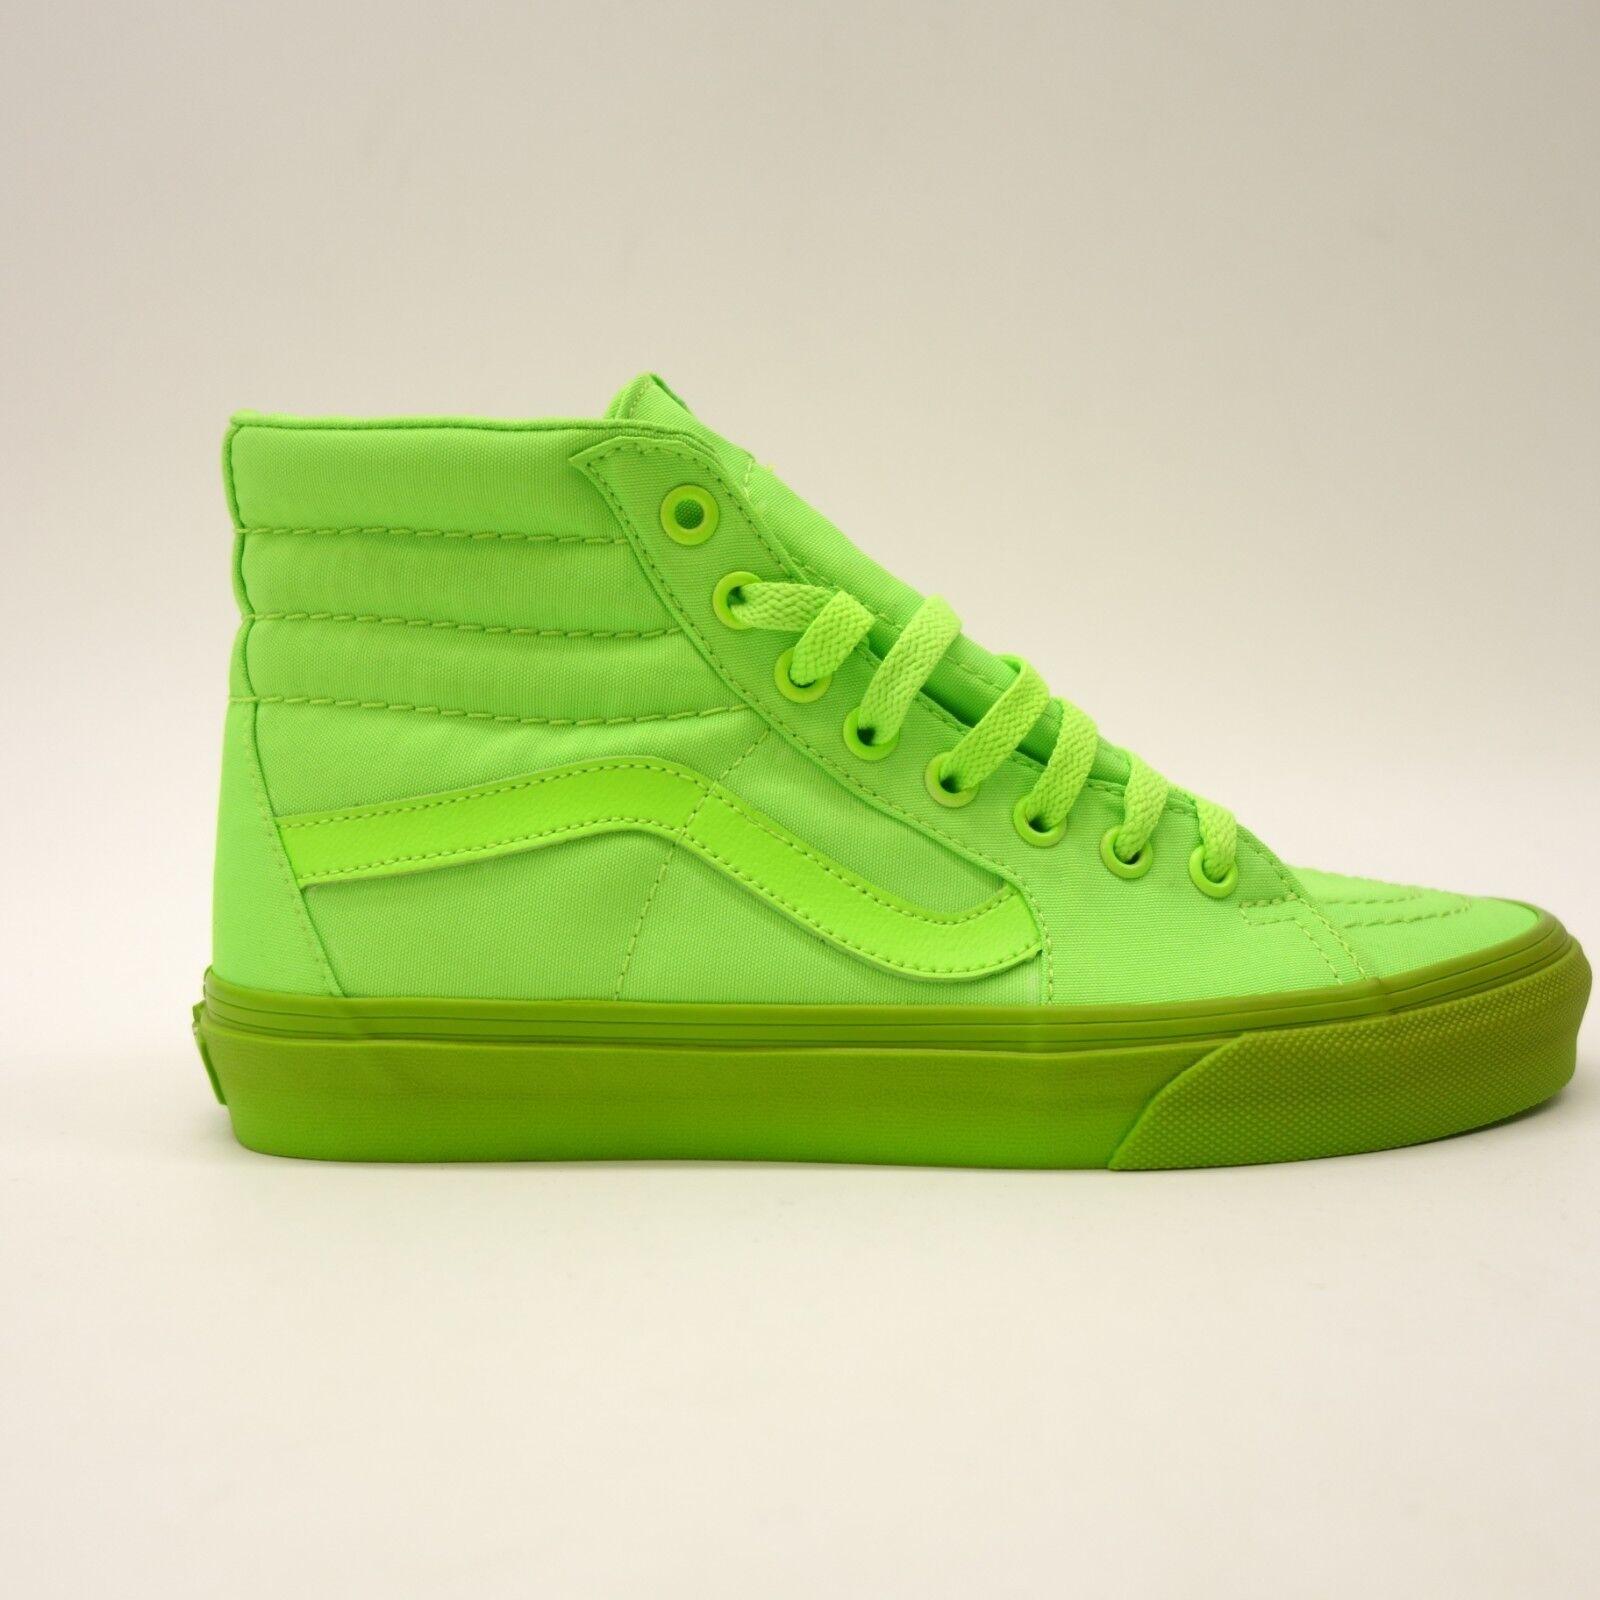 Nuevo Vans Mujer Verde Lona Neón Skater High Top Lona Verde Clásica Zapatos Talla Us 8 Eu 815c9a